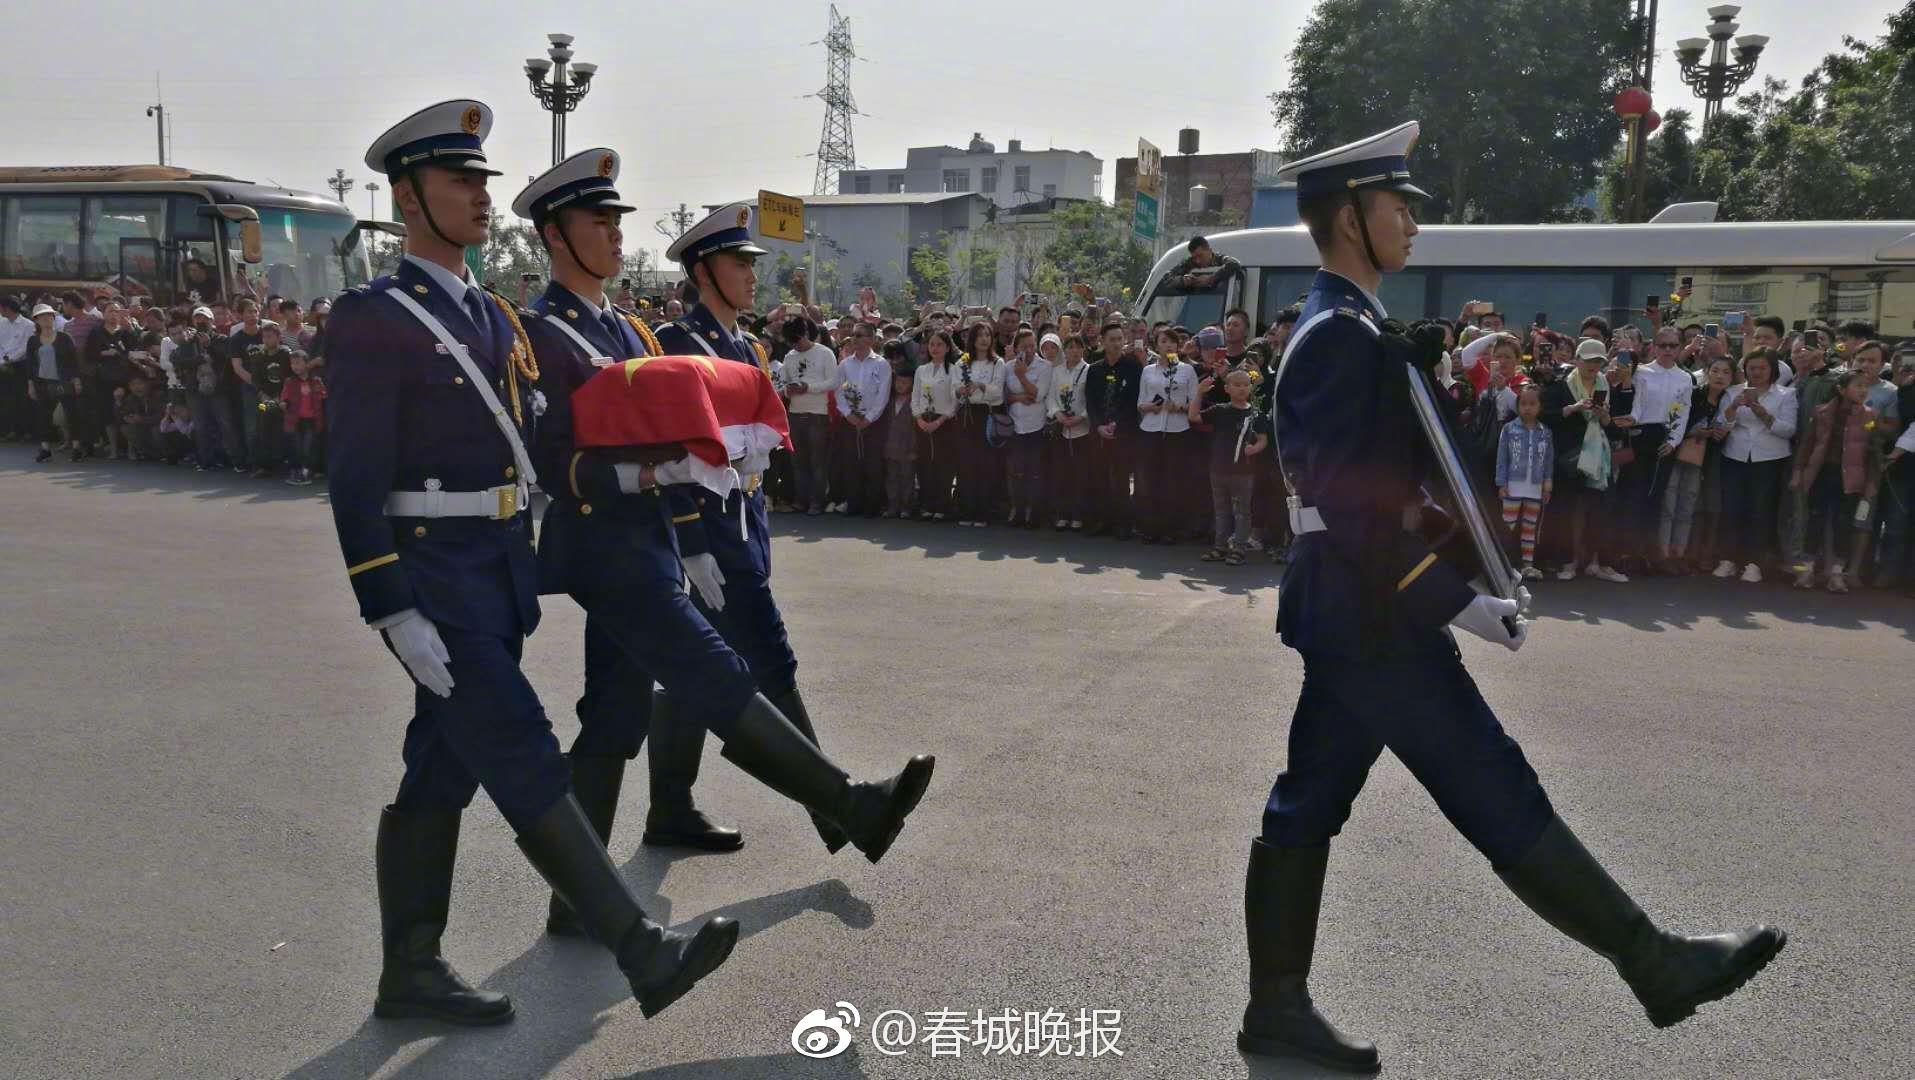 武汉人开窗大合唱,让人心疼的抱团激励!